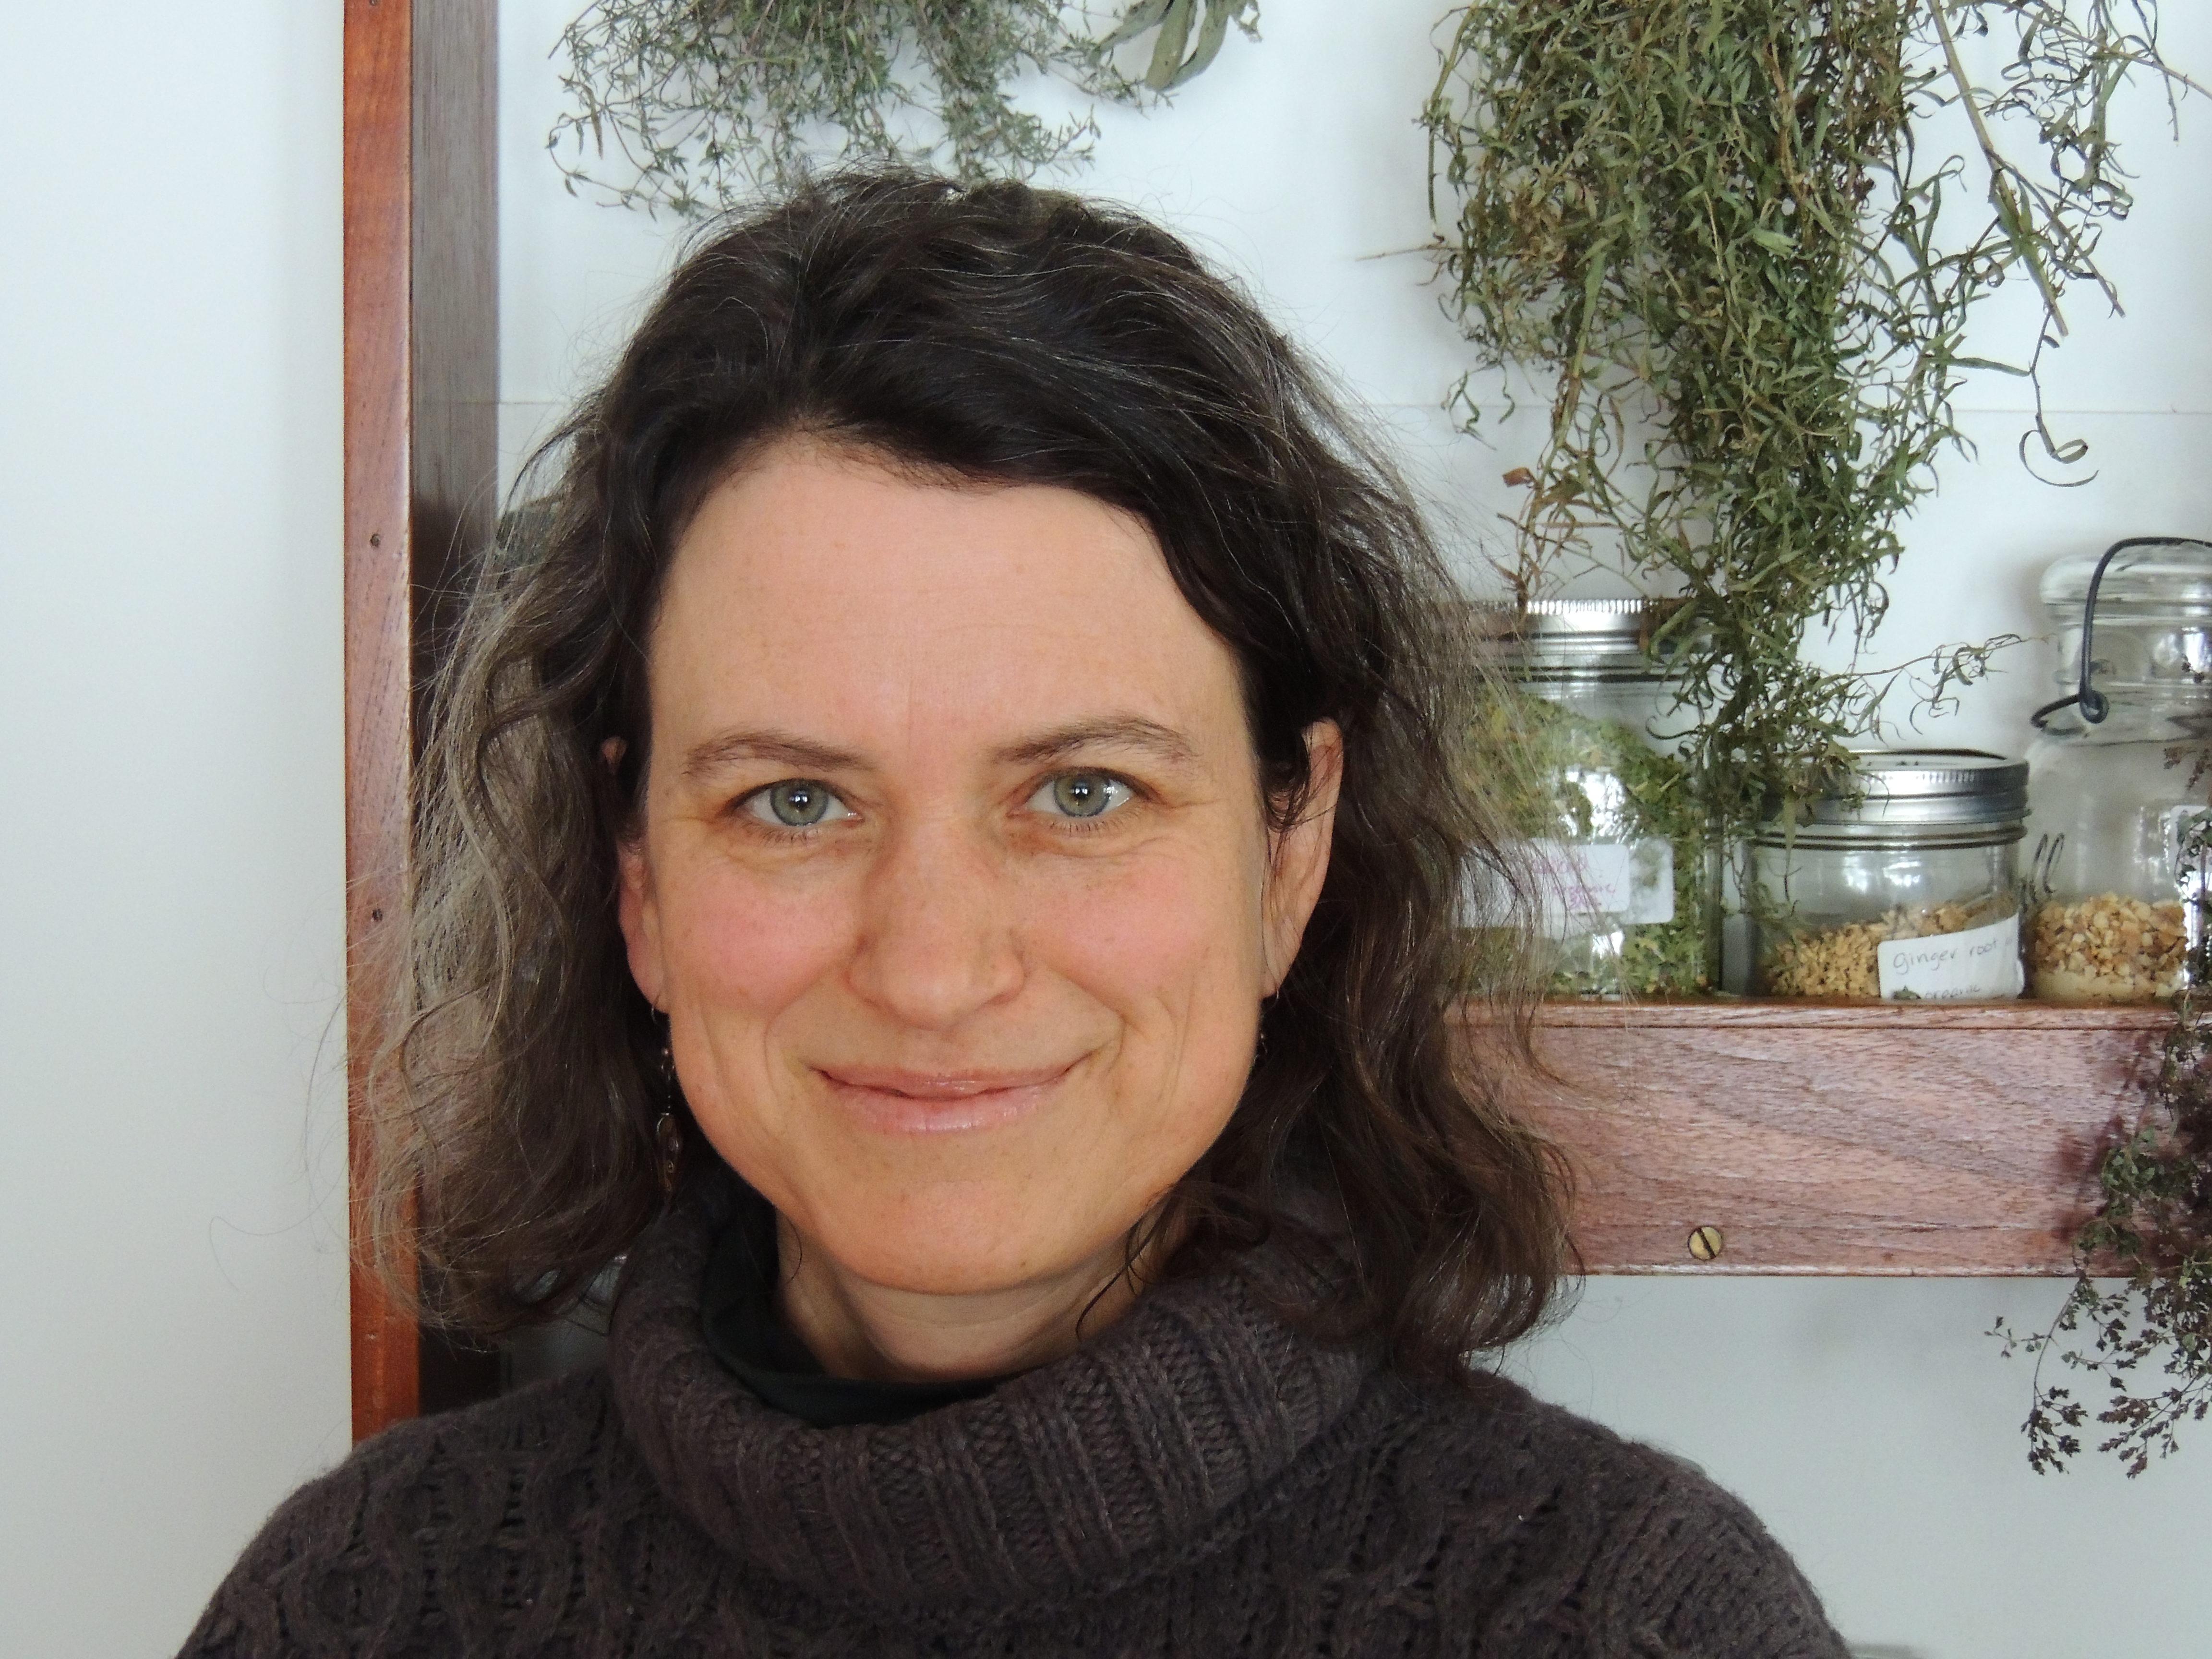 Katherine Gekas